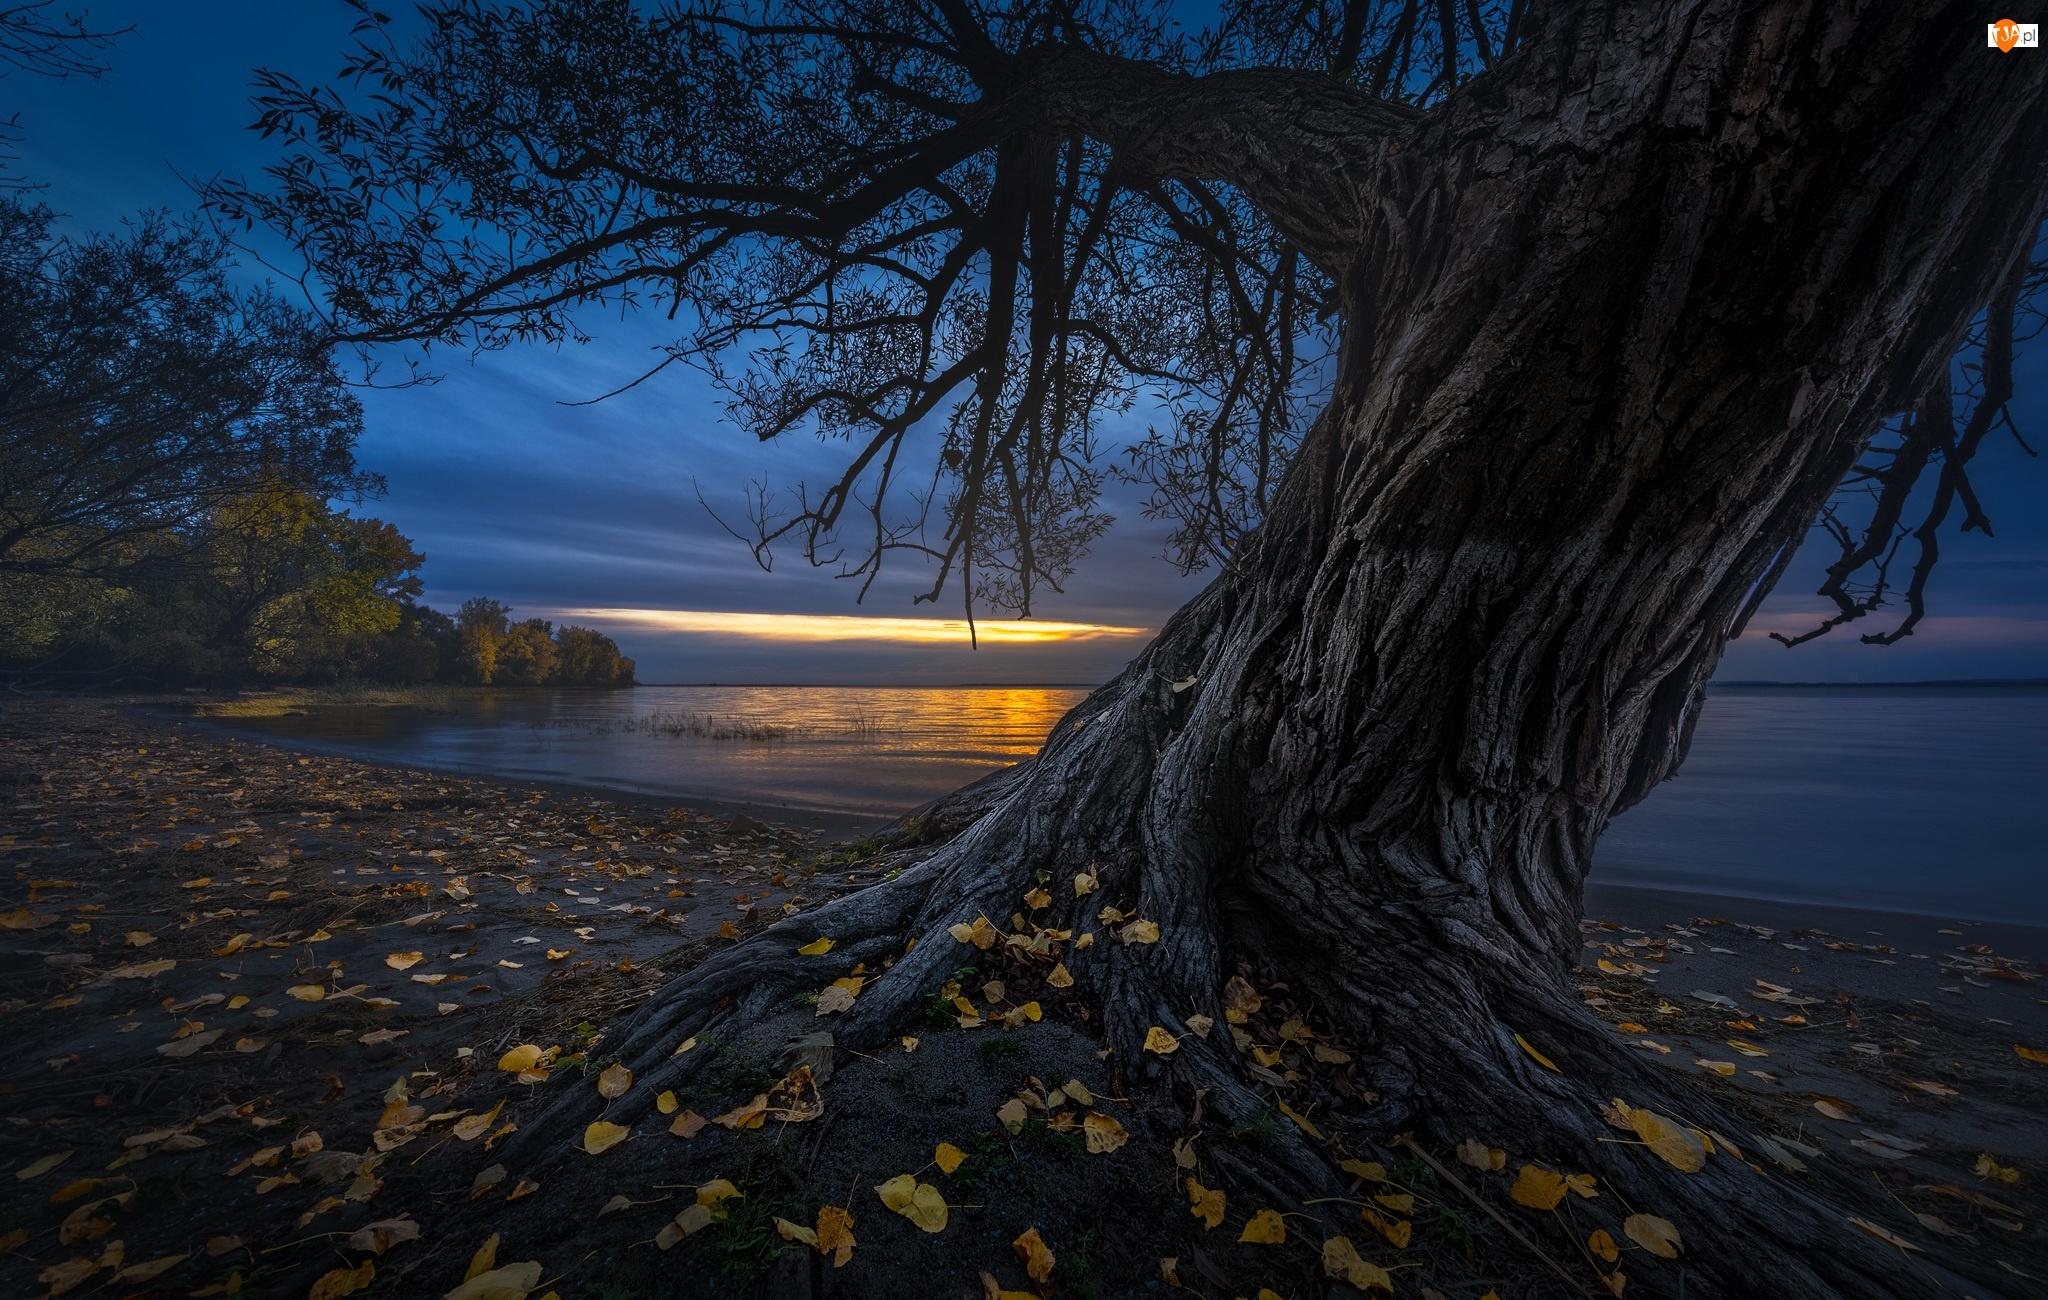 Jezioro, Zmrok, Liście, Drzewo, Brzeg